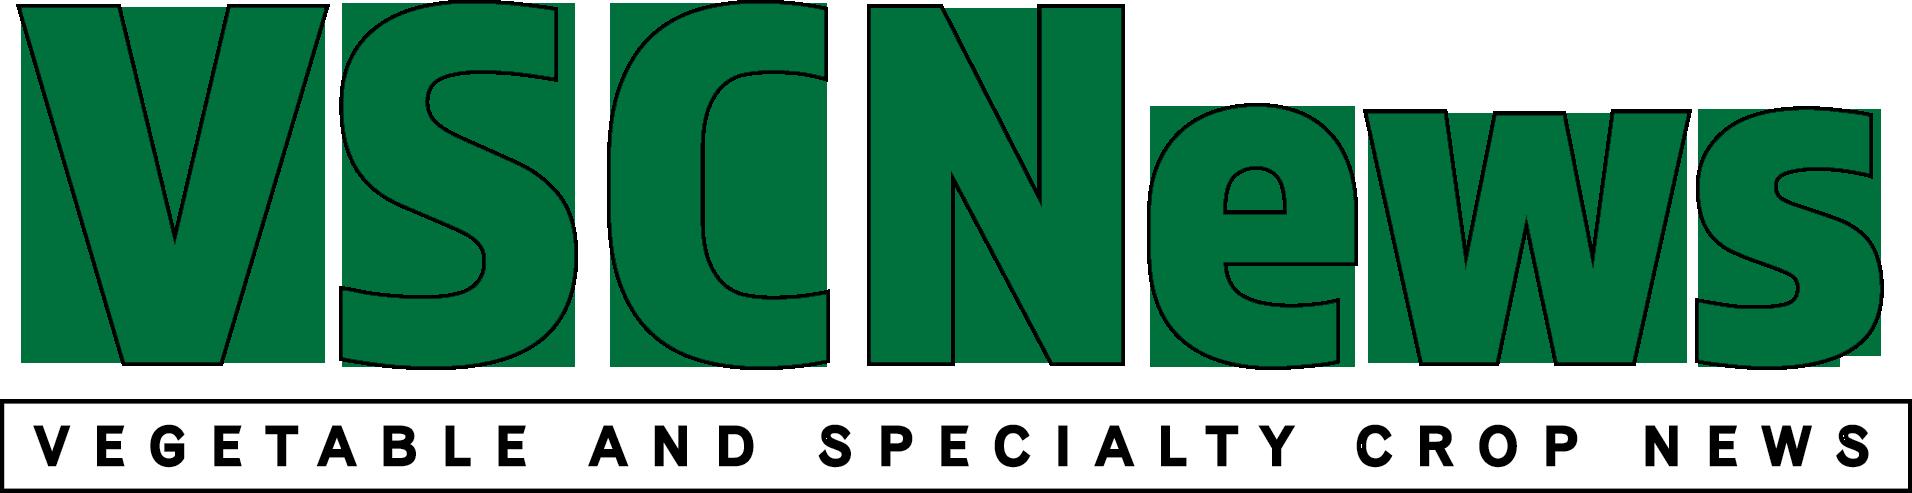 VSCNews_Logo.png